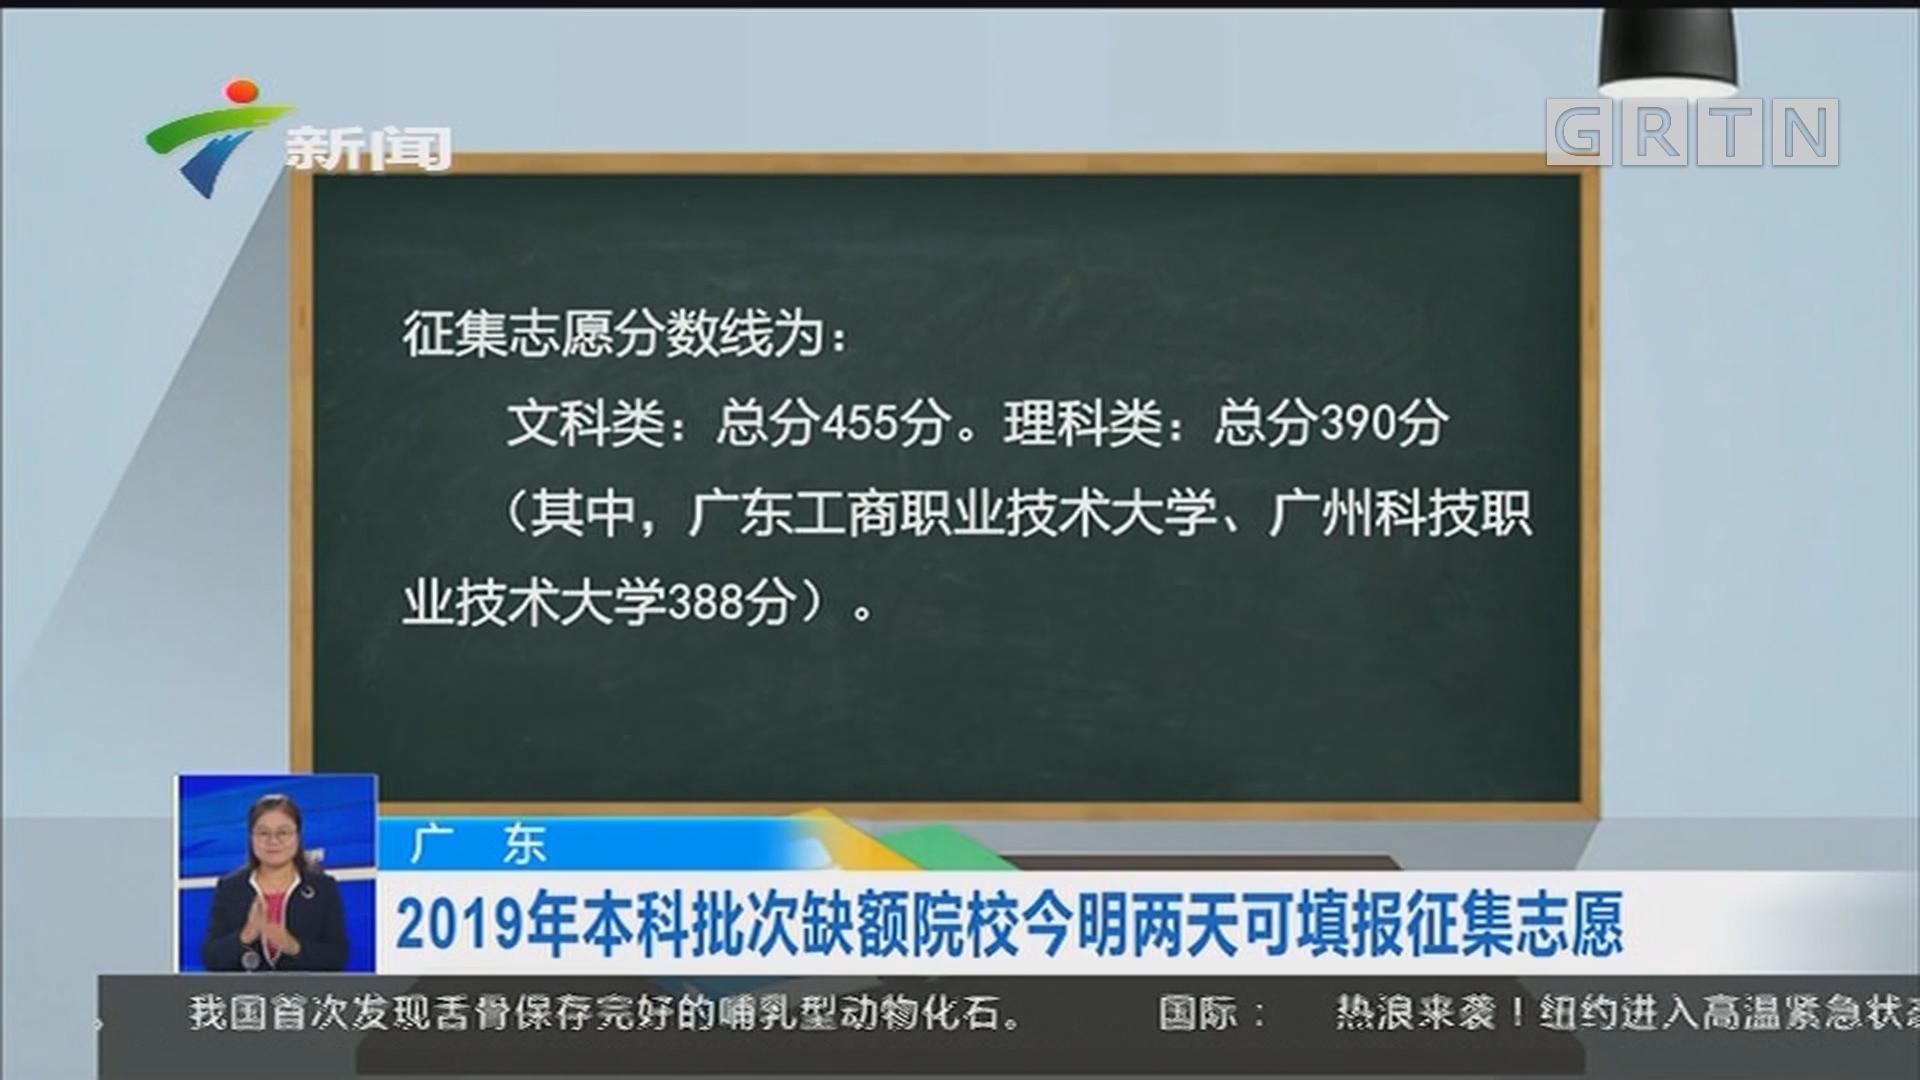 广东:2019年本科批次缺额院校今明两天可填报征集志愿